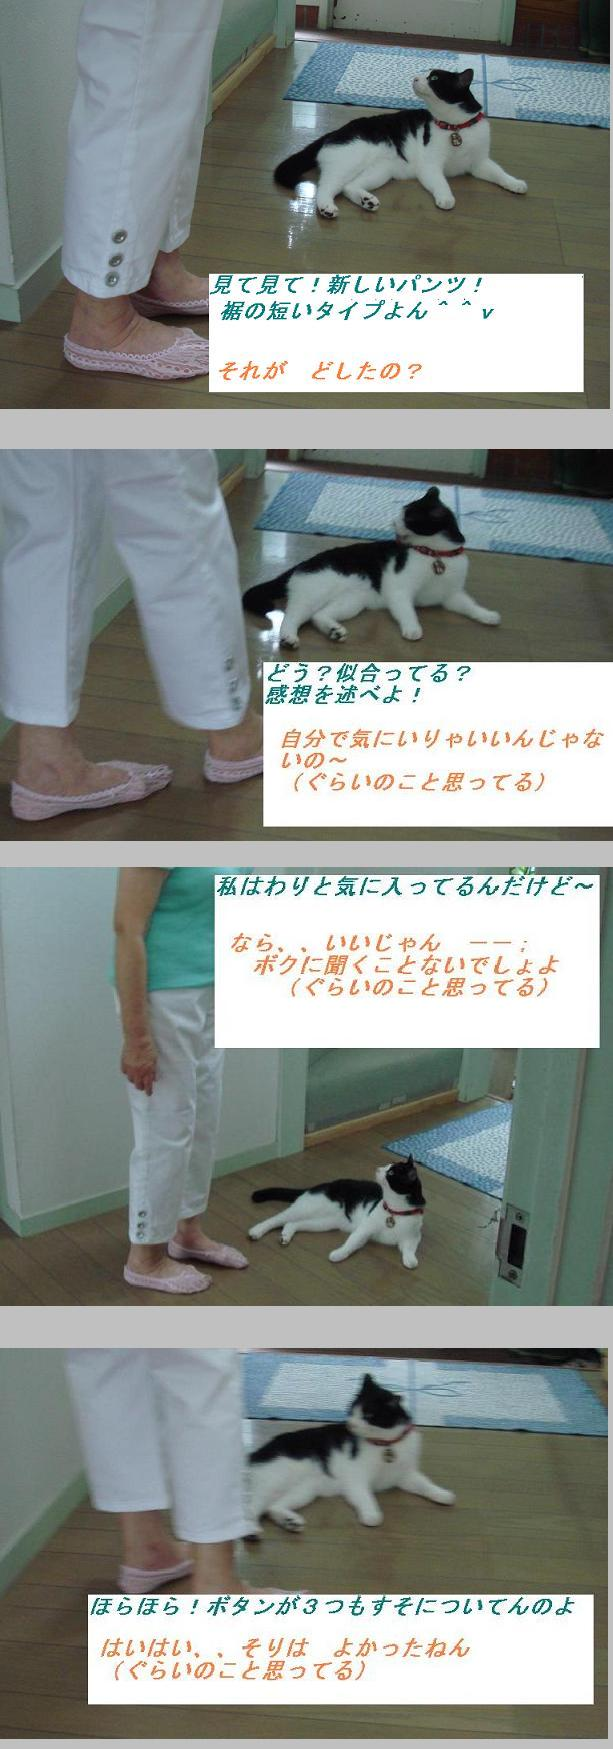 b0147444_10142640.jpg